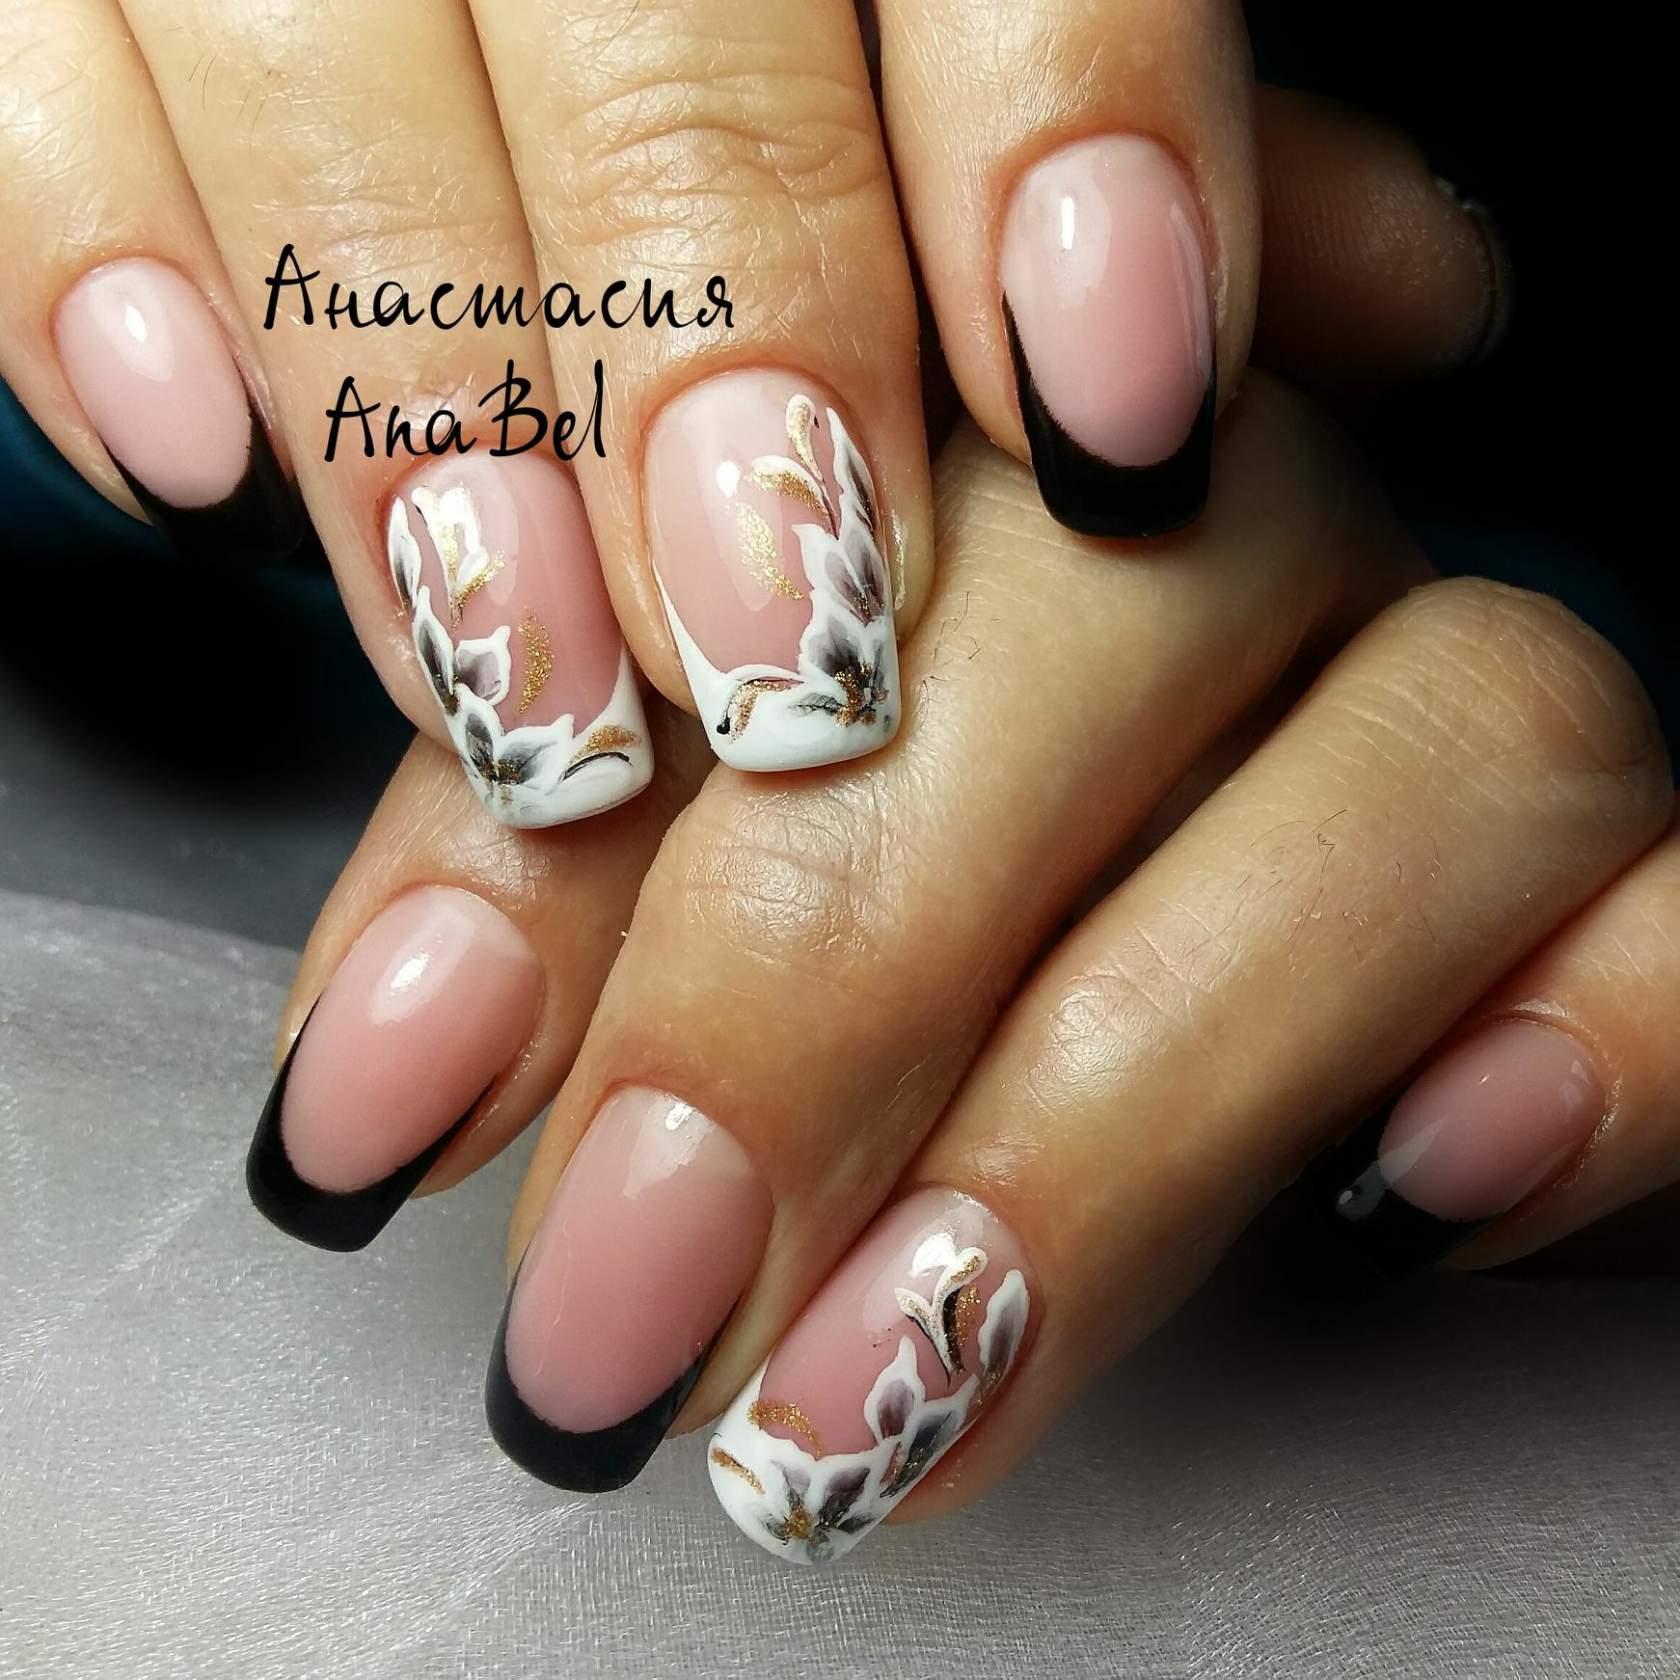 Фото ногти и цветы фиолетового цвета